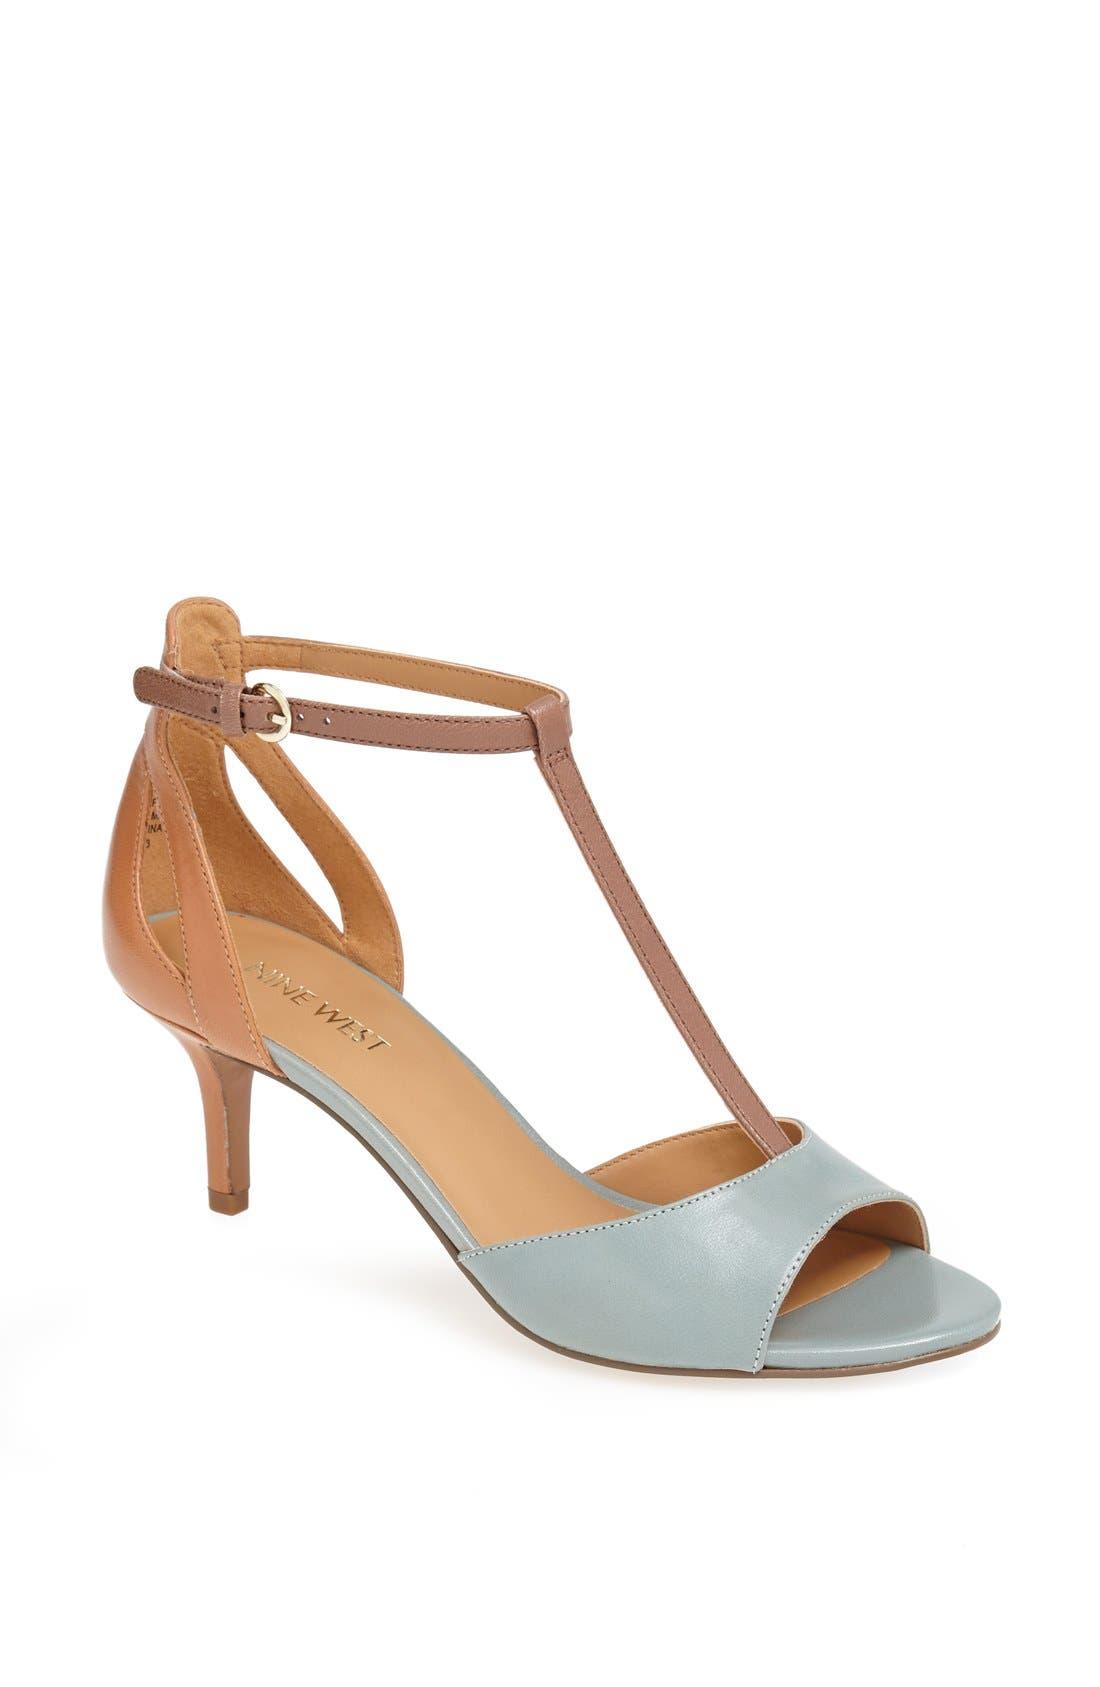 Alternate Image 1 Selected - Nine West 'Gaget' Sandal